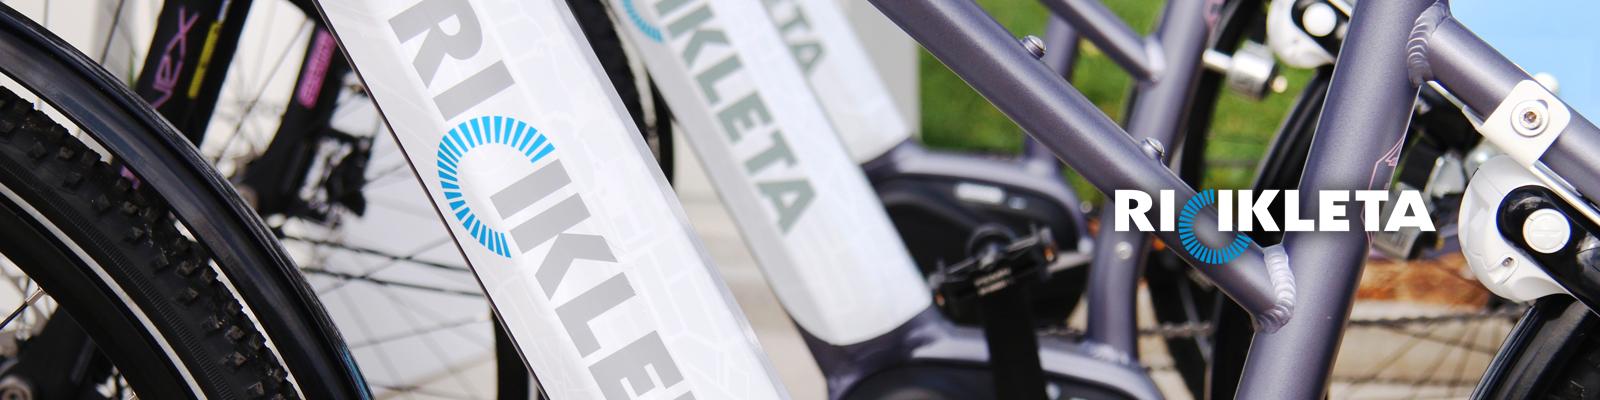 E-bike sharing «RiCikleta» Le bici elettriche